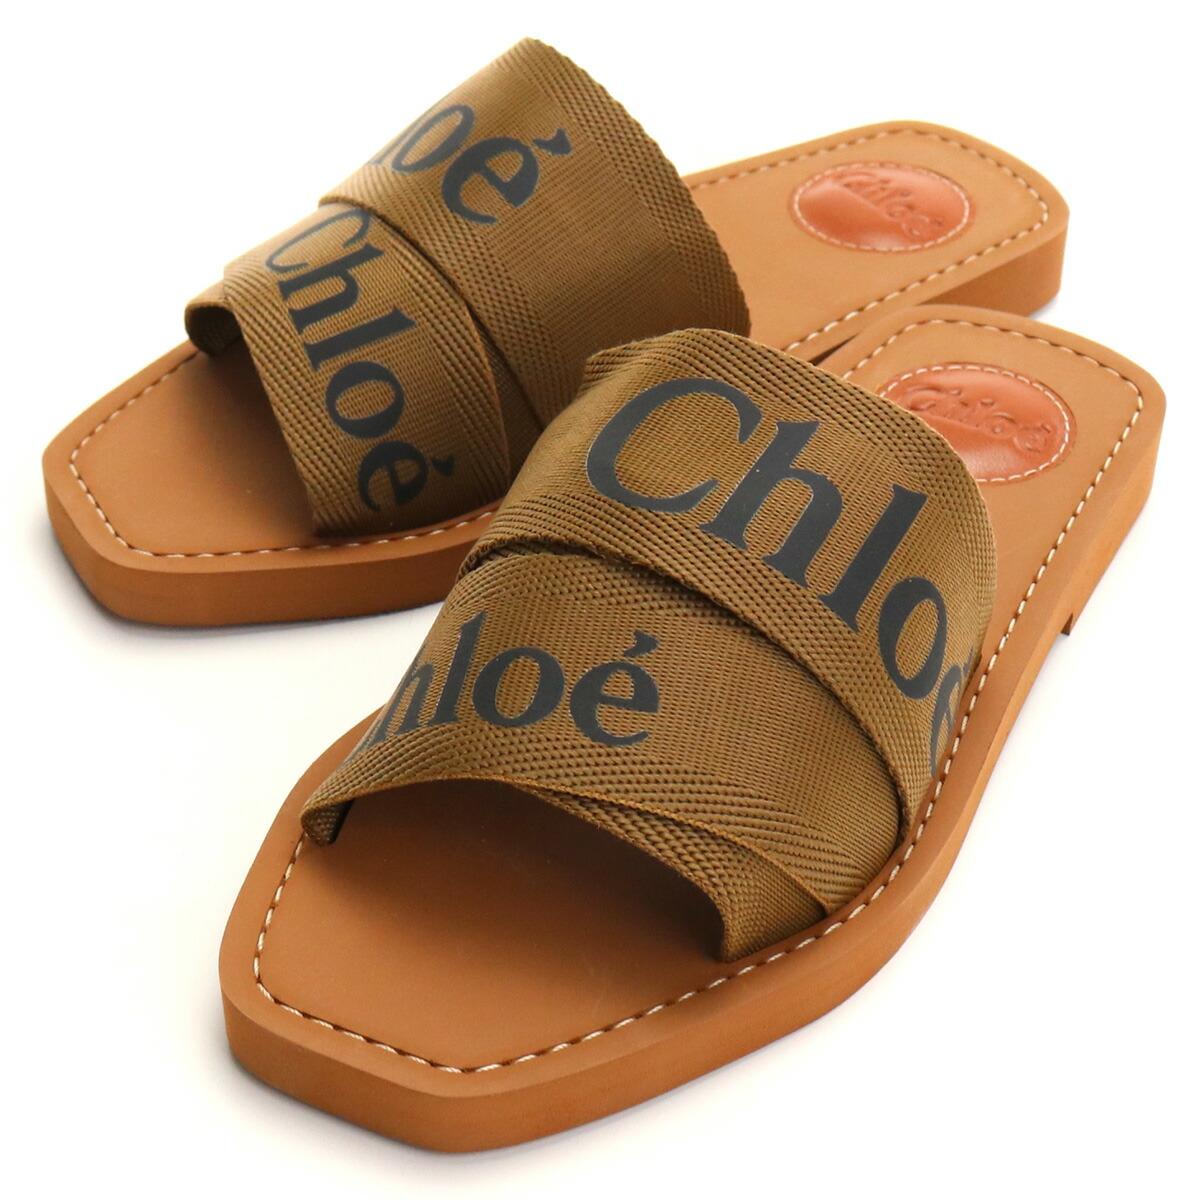 クロエ CHLOE  レディースサンダル ブランドシューズ ブランドサンダル CHC19U18808 20F ブラウン系 shoes-01